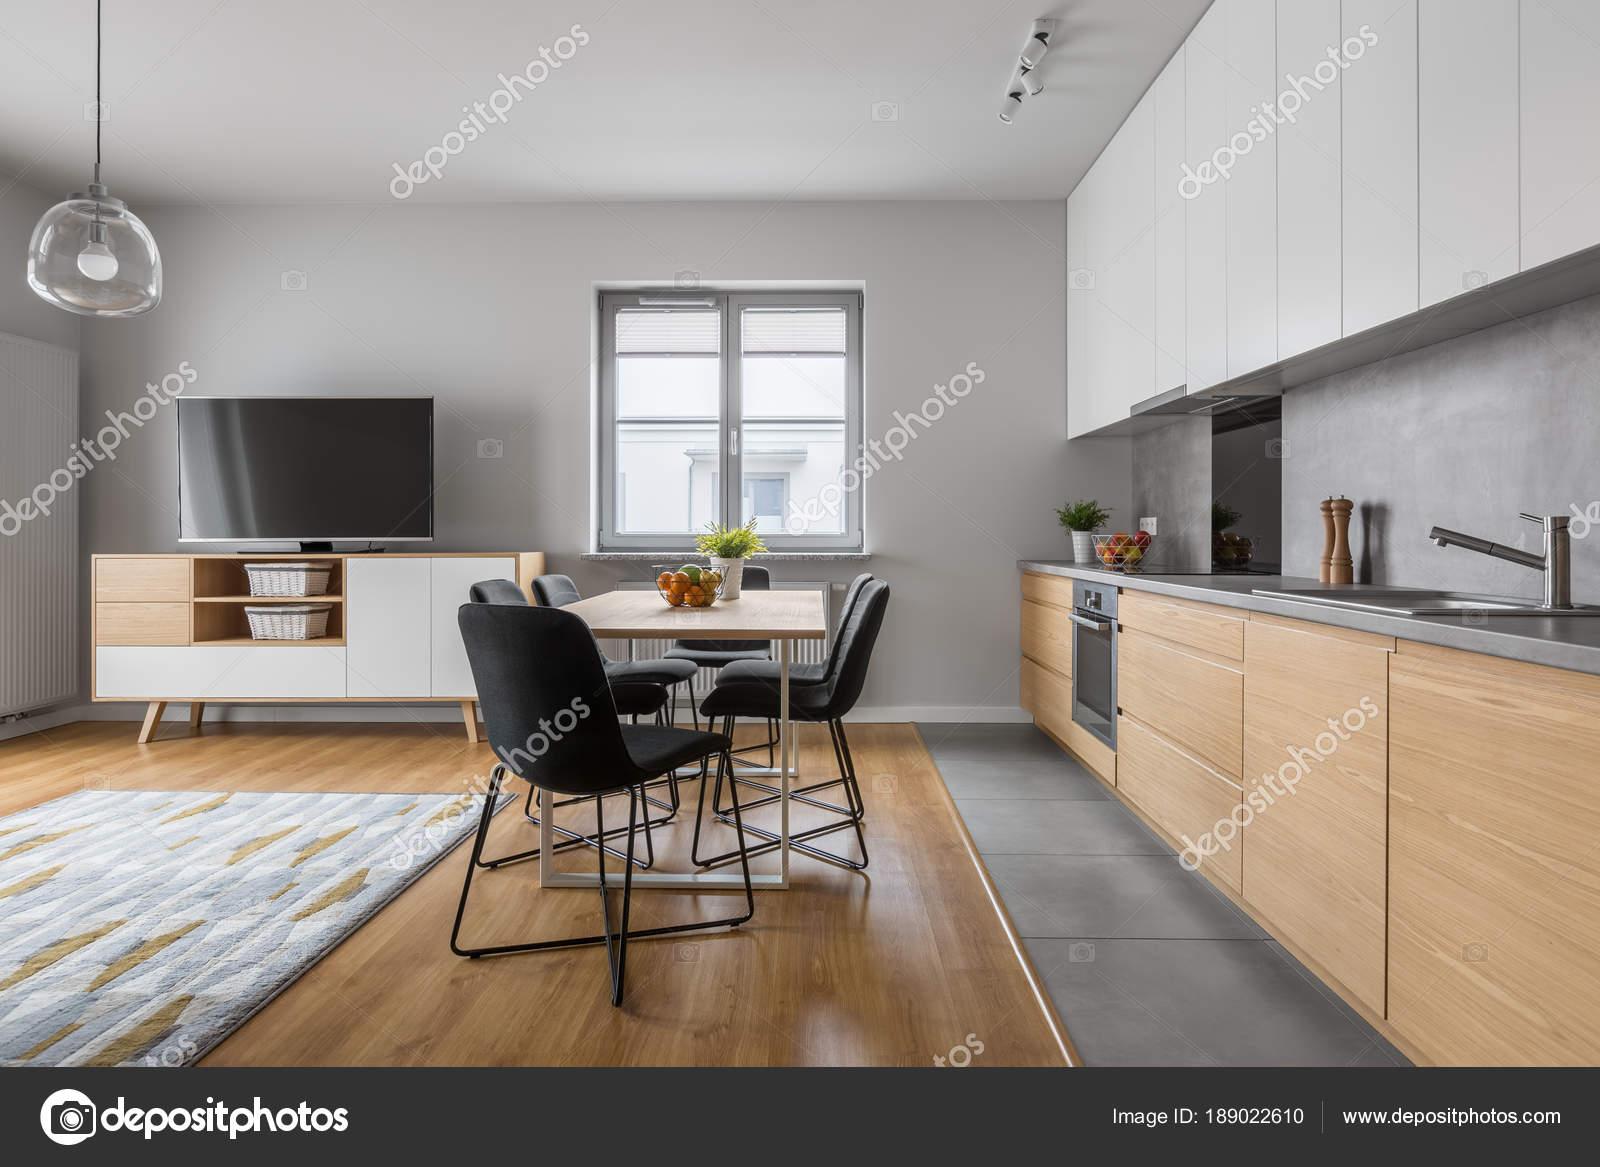 Bekend Moderne houten keuken met tafel — Stockfoto © in4mal #189022610 &MV63